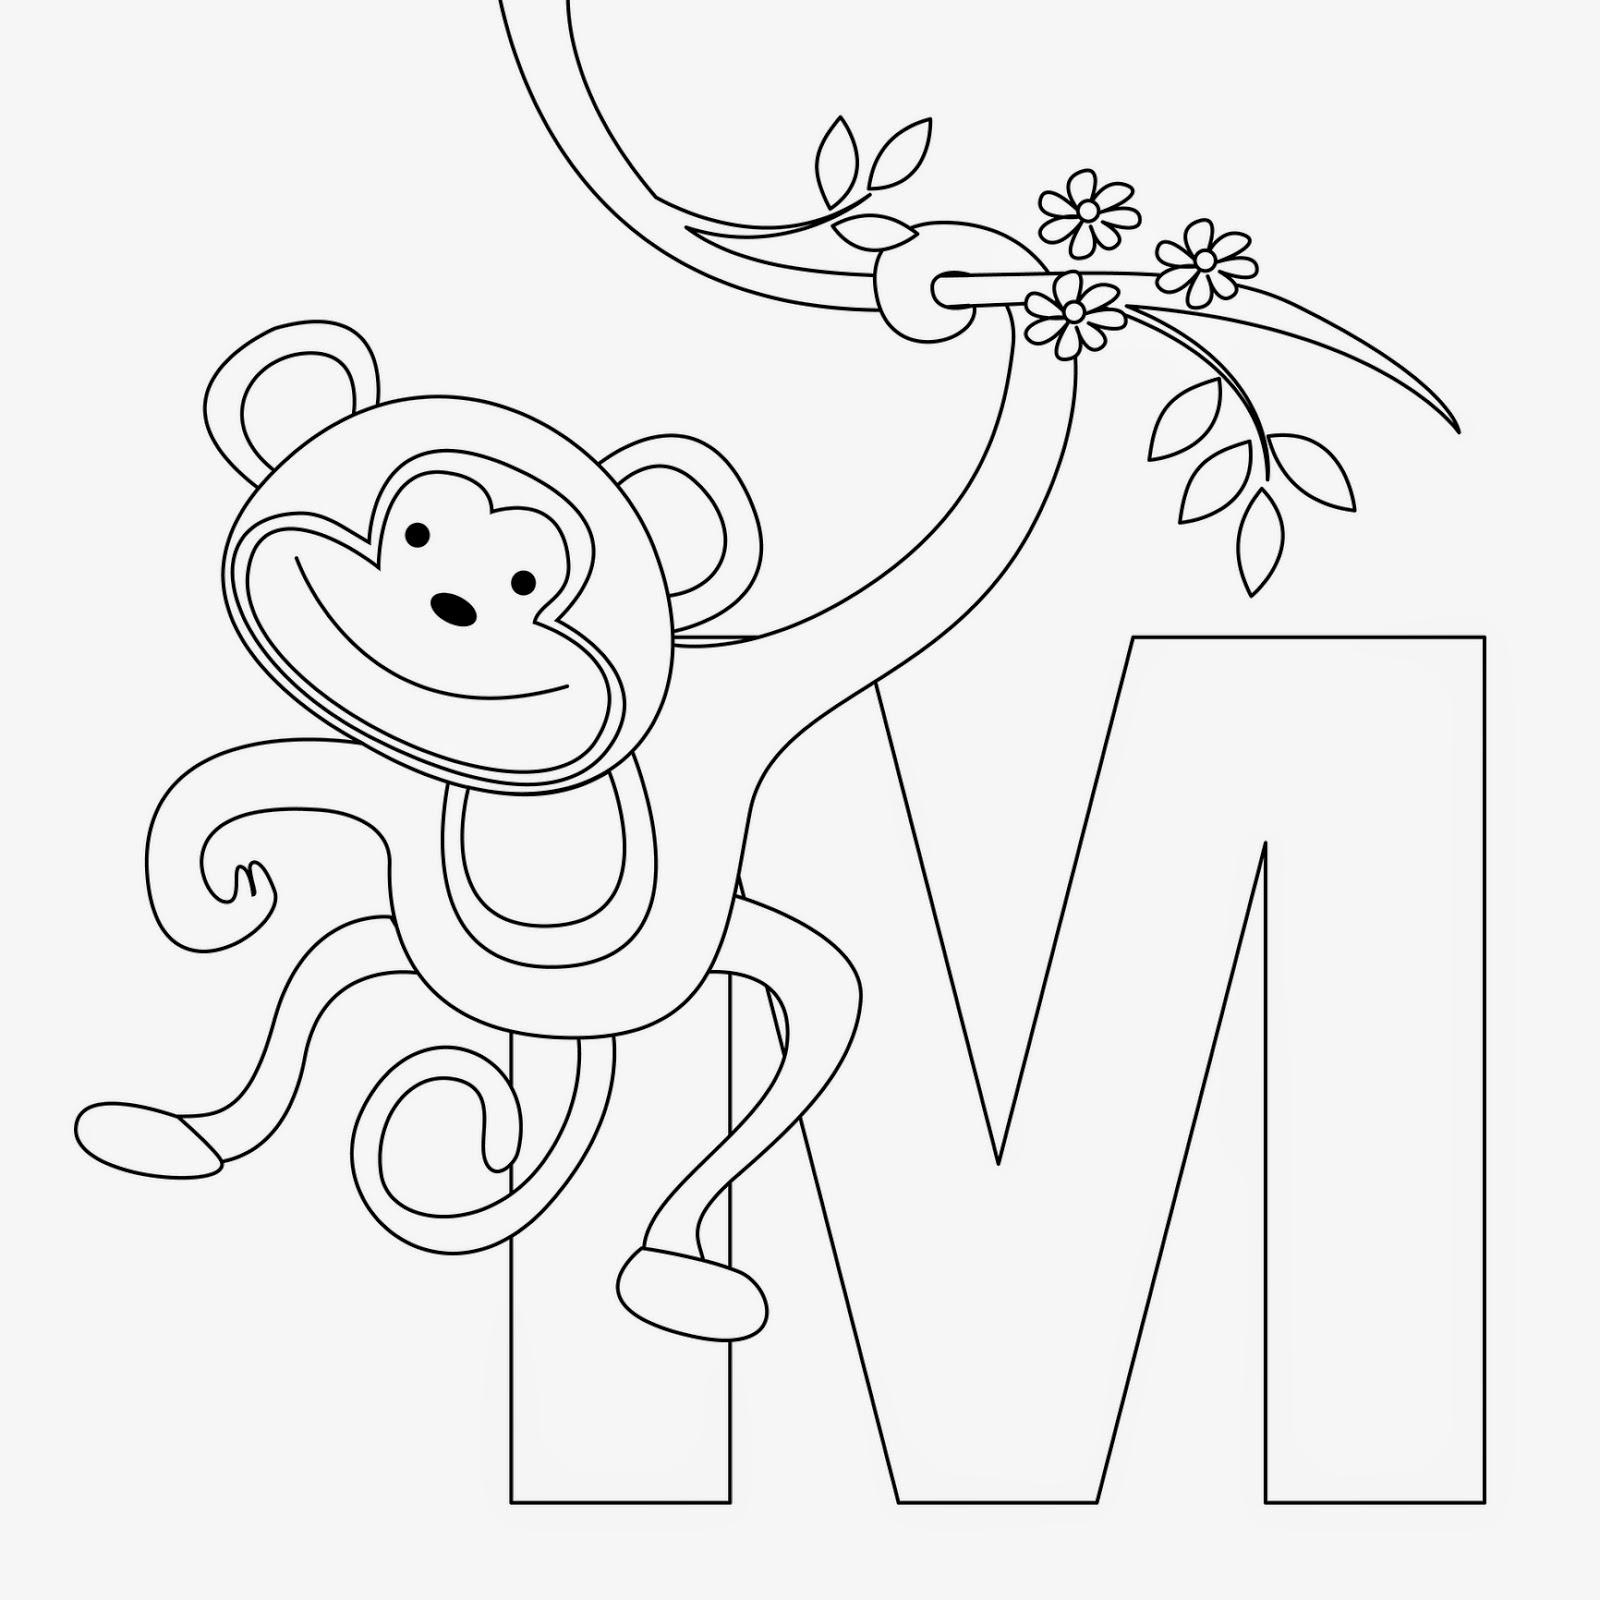 coloring page monkey free printable monkey coloring pages for kids cool2bkids page monkey coloring